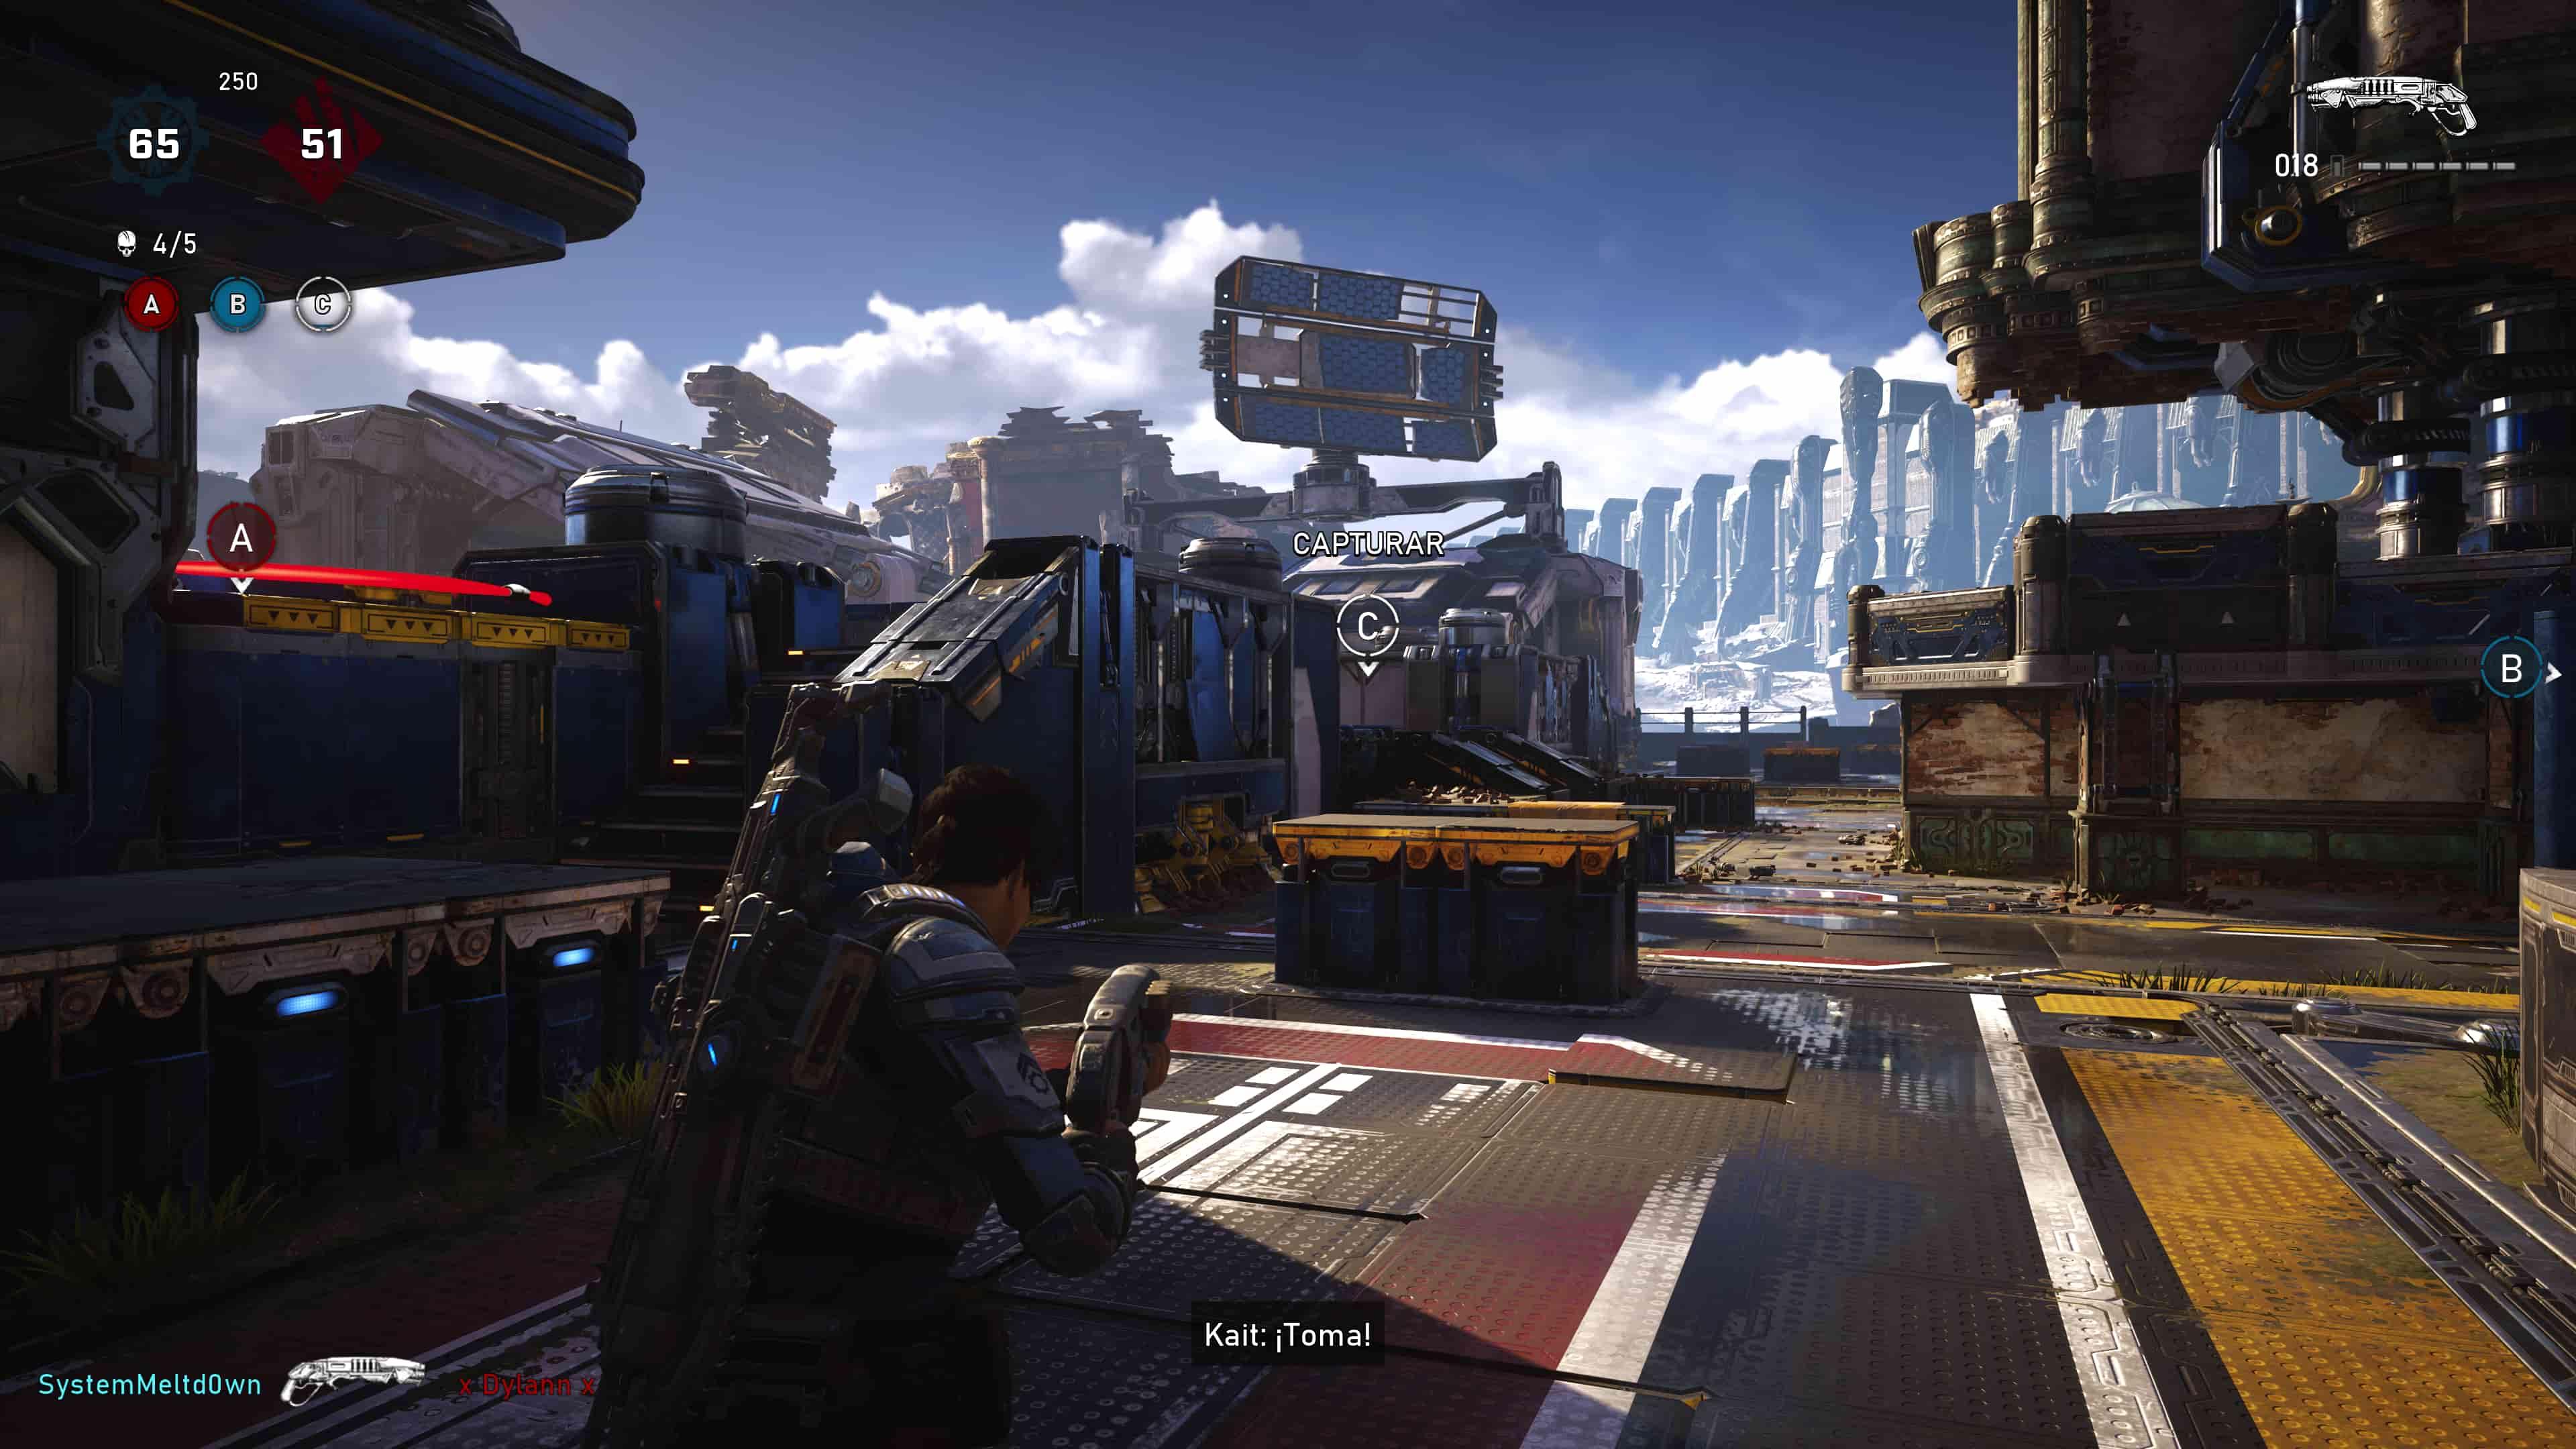 El desarrollo Gears 5 ha concluido oficialmente, lista de logros desvelada